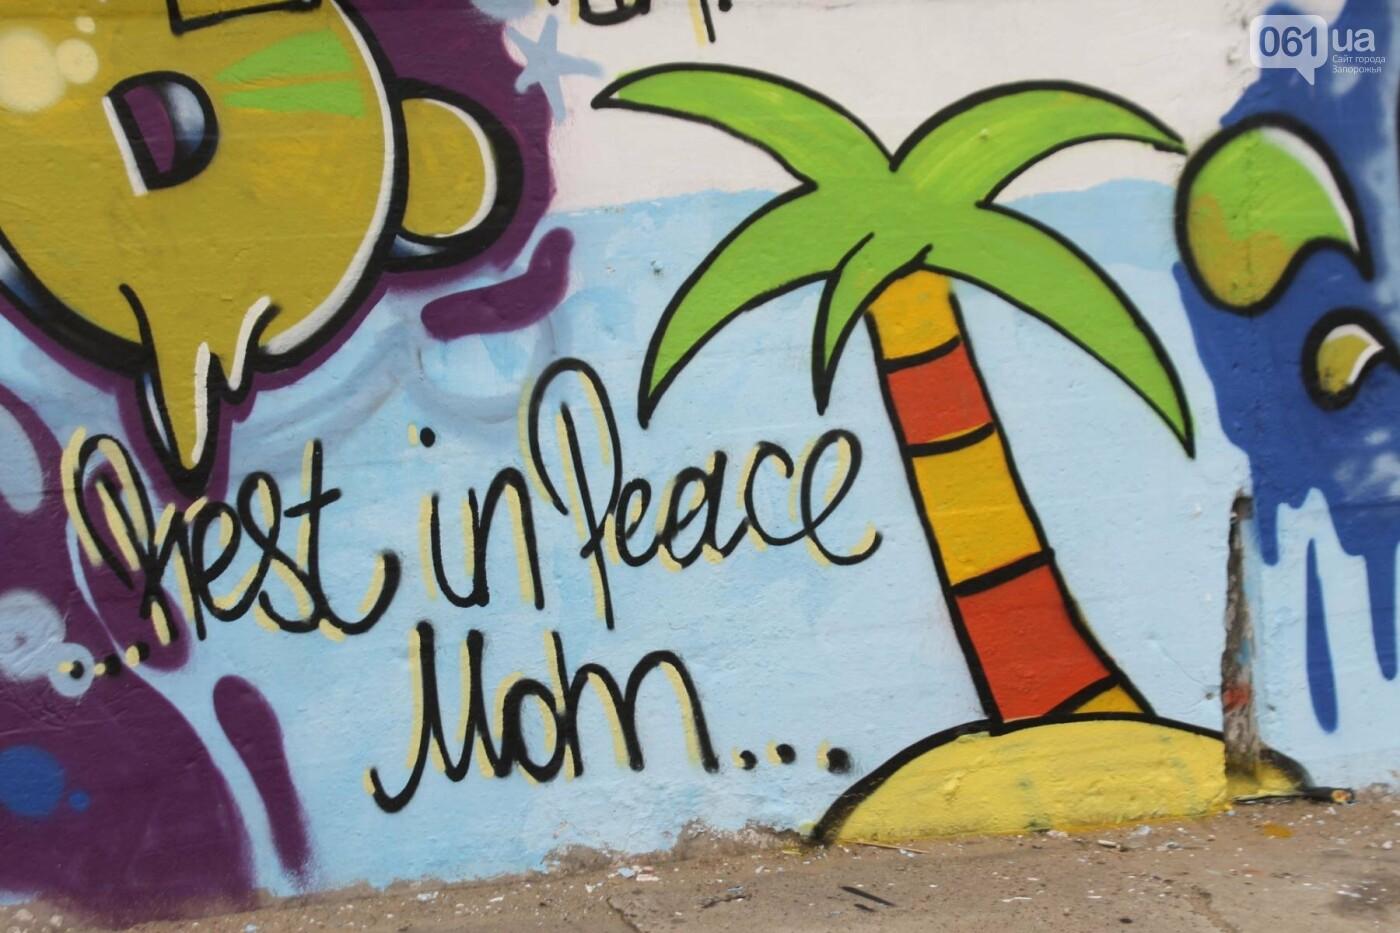 В Запорожье на пляже закончился фестиваль граффити: разрисовали 150 метров бетонной стены, – ФОТОРЕПОРТАЖ, фото-34